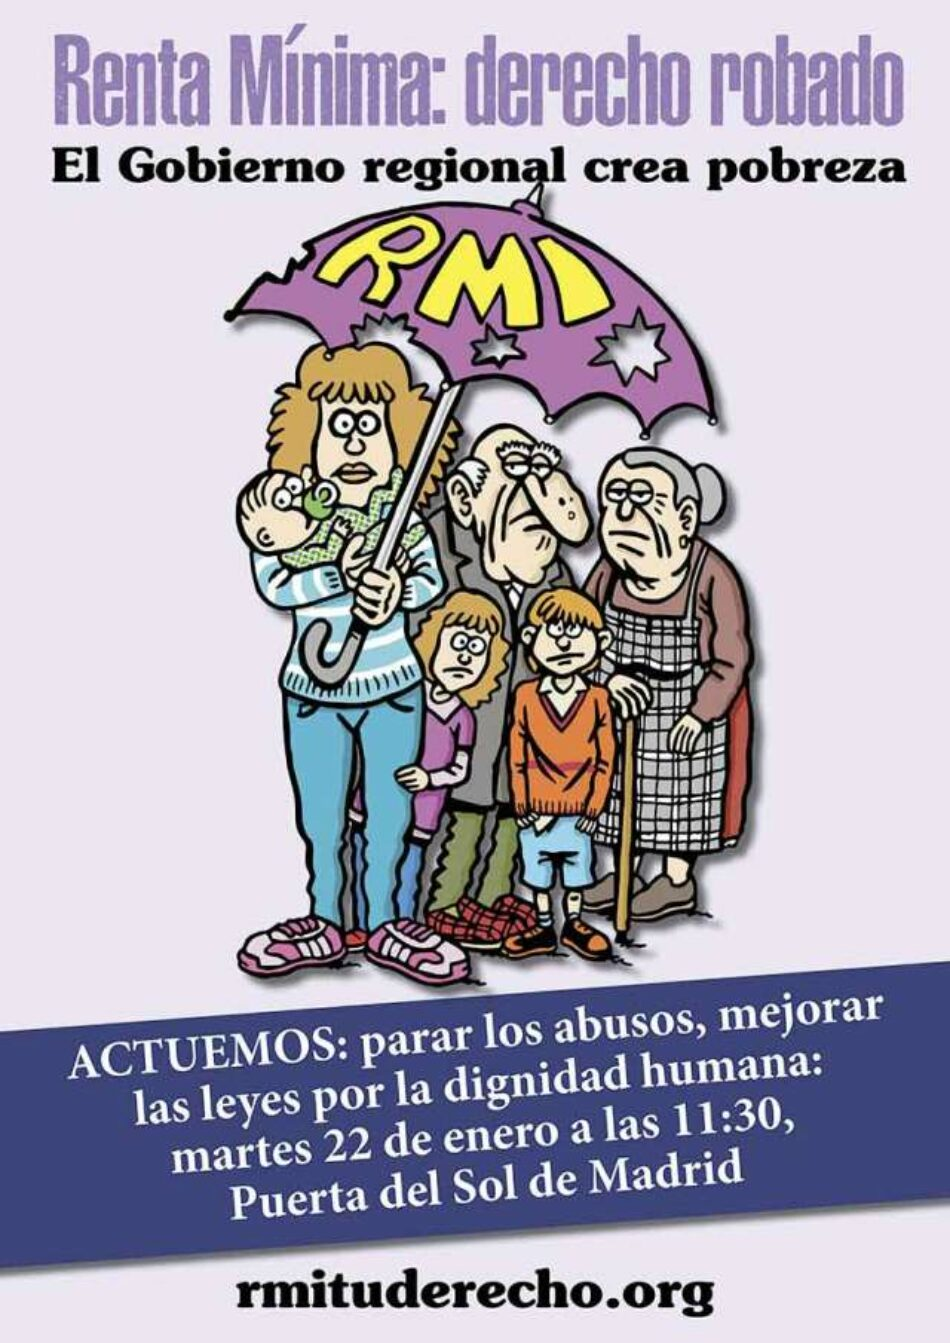 #EsPobreza: colectivos sociales se manifiestan contra el maltrato institucional a las familias demandantes de la renta mínima